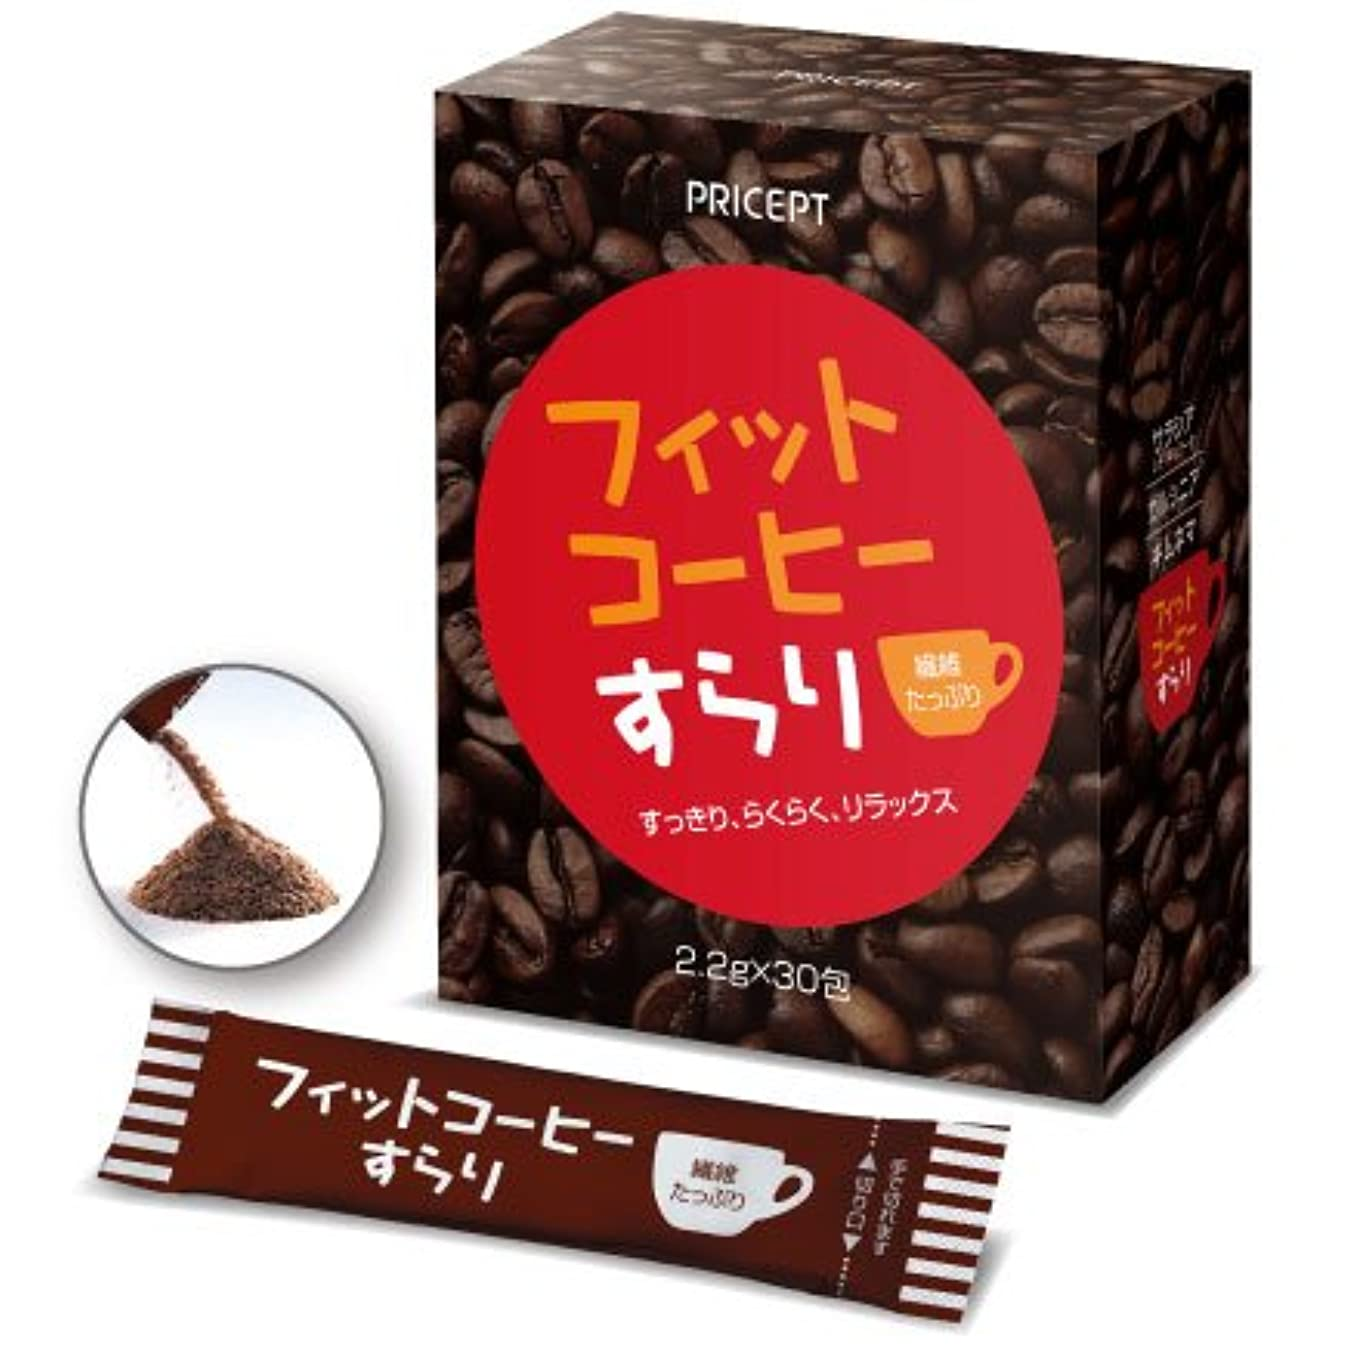 可塑性セラー本当にプリセプト フィットコーヒーすらり 30包【単品】(ダイエットサポートコーヒー)